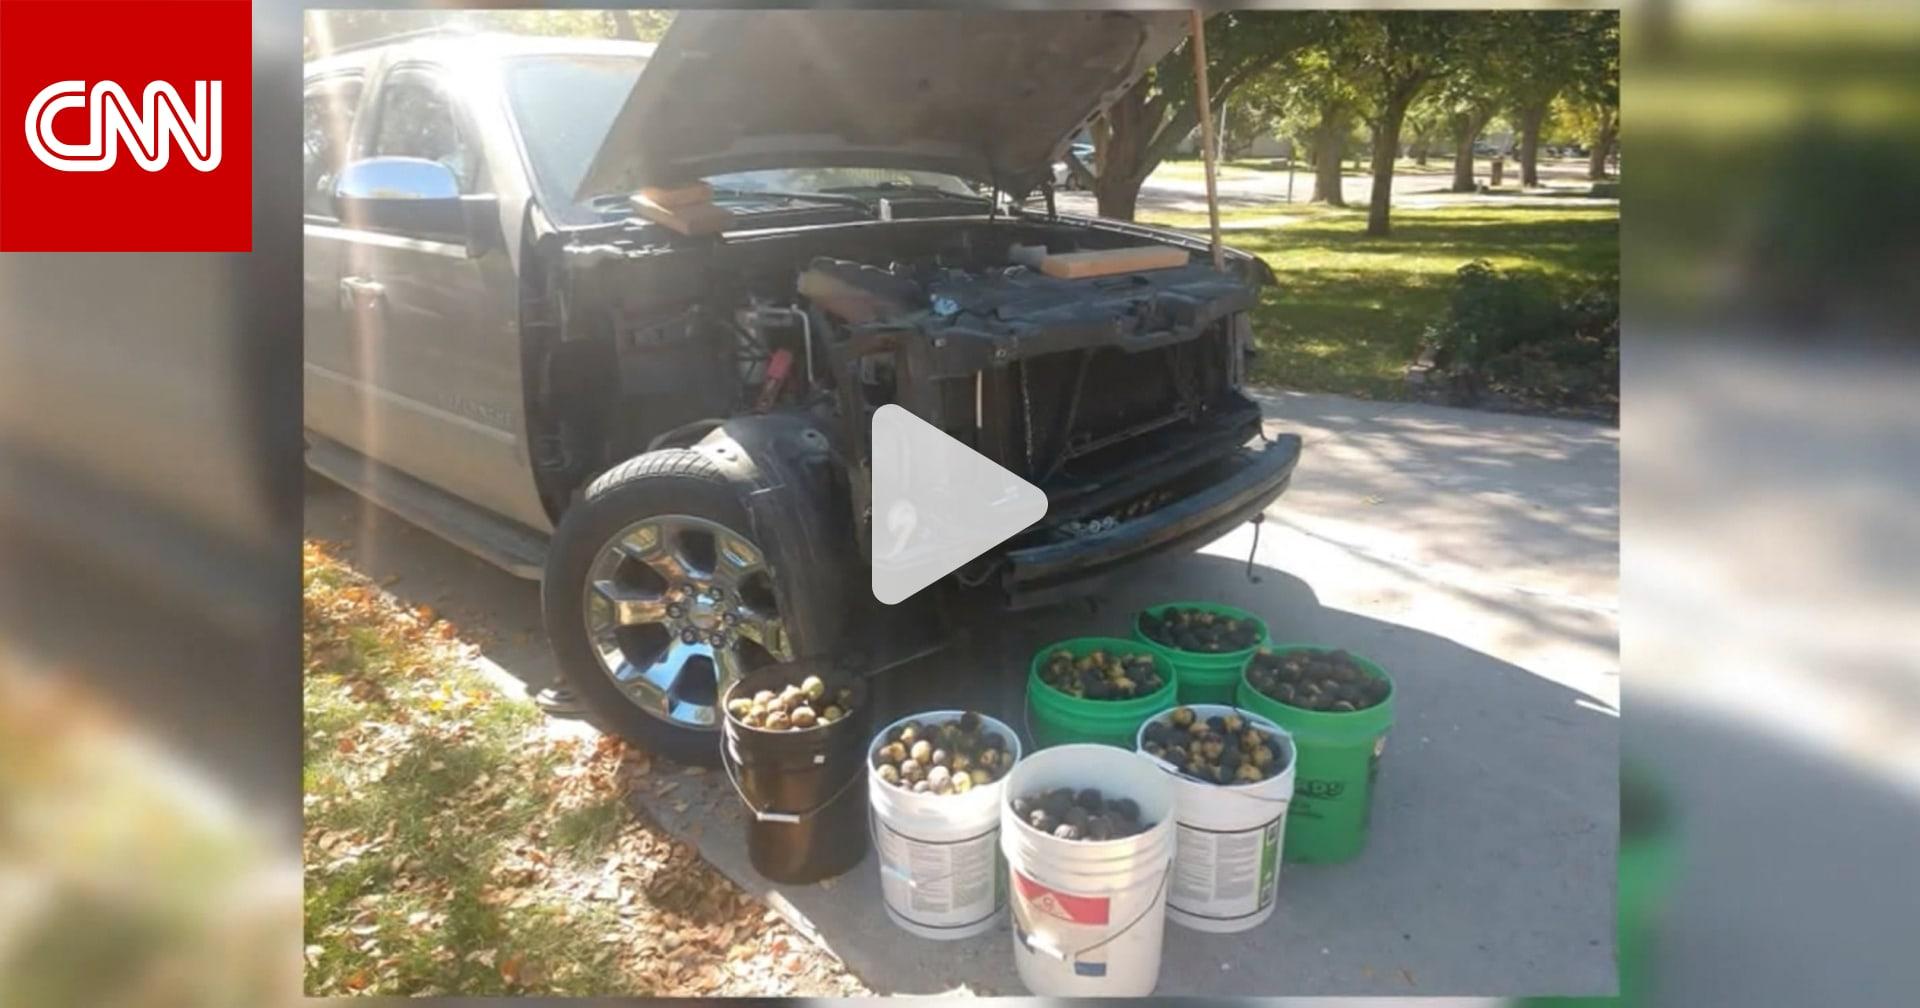 أمريكي يمضي أيامًا في تنظيف شاحنته من آلاف ثمار الجوز.. خبأها سنجاب داخلها لمؤنة الشتاء